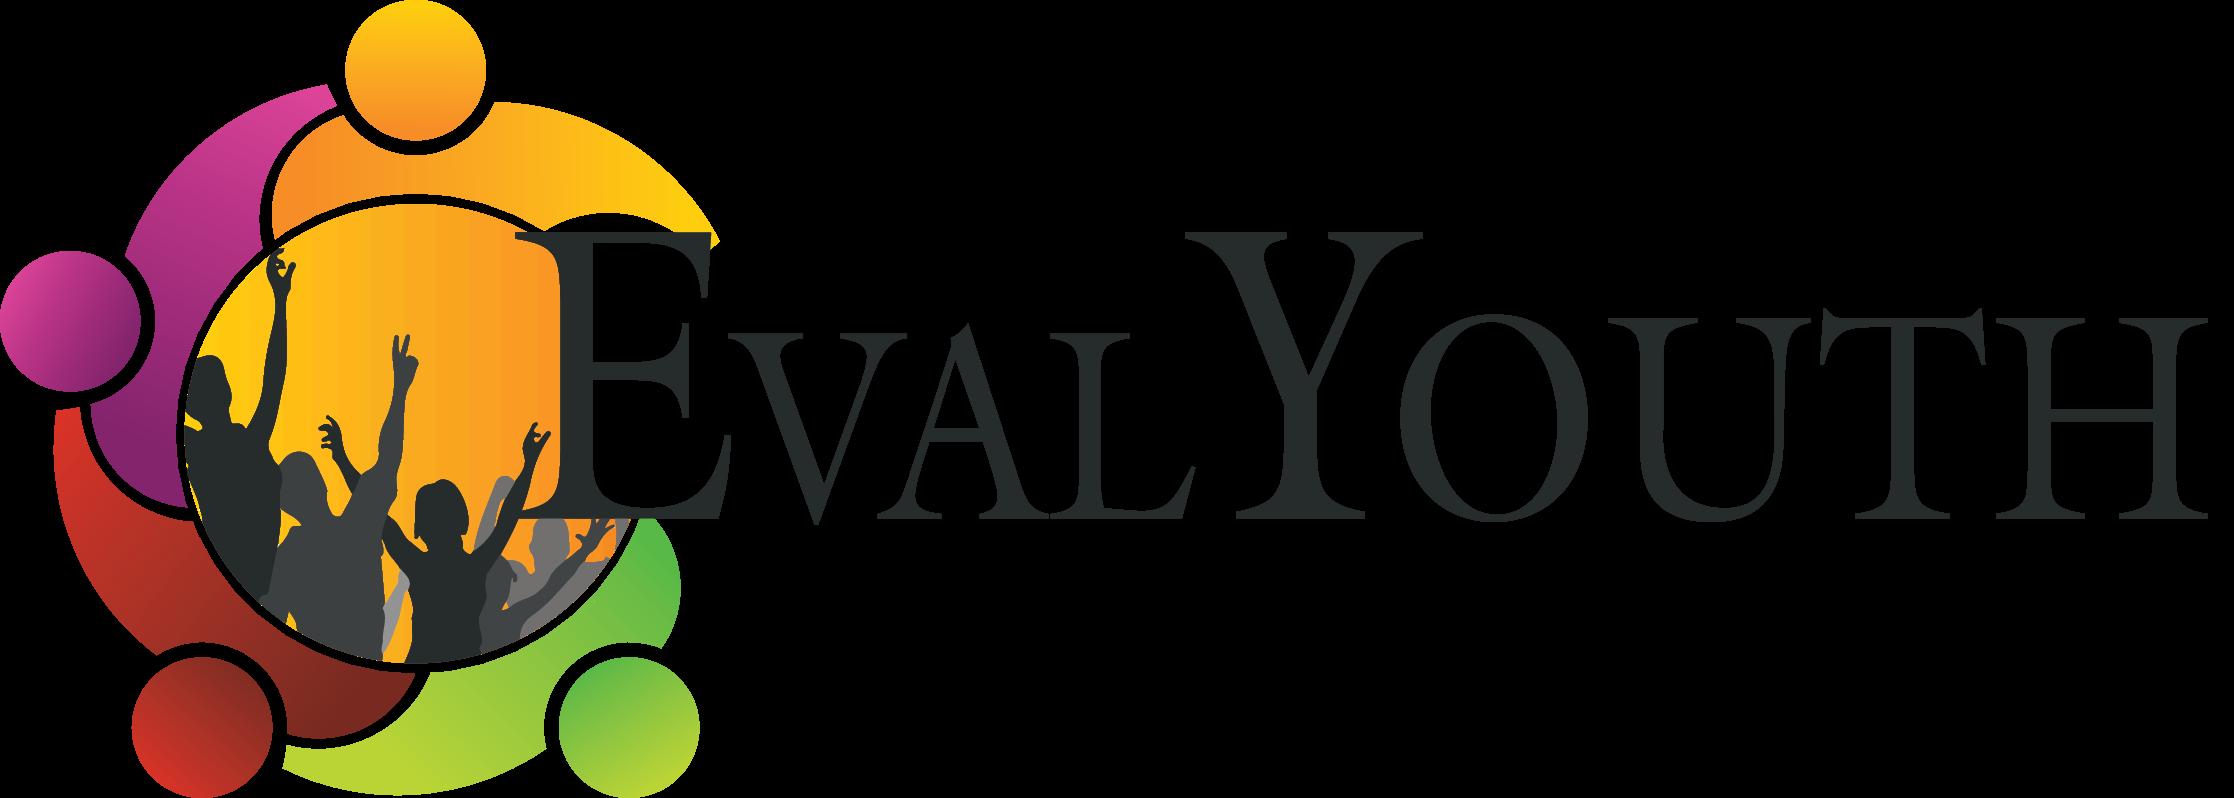 EvalYouth Election Portal